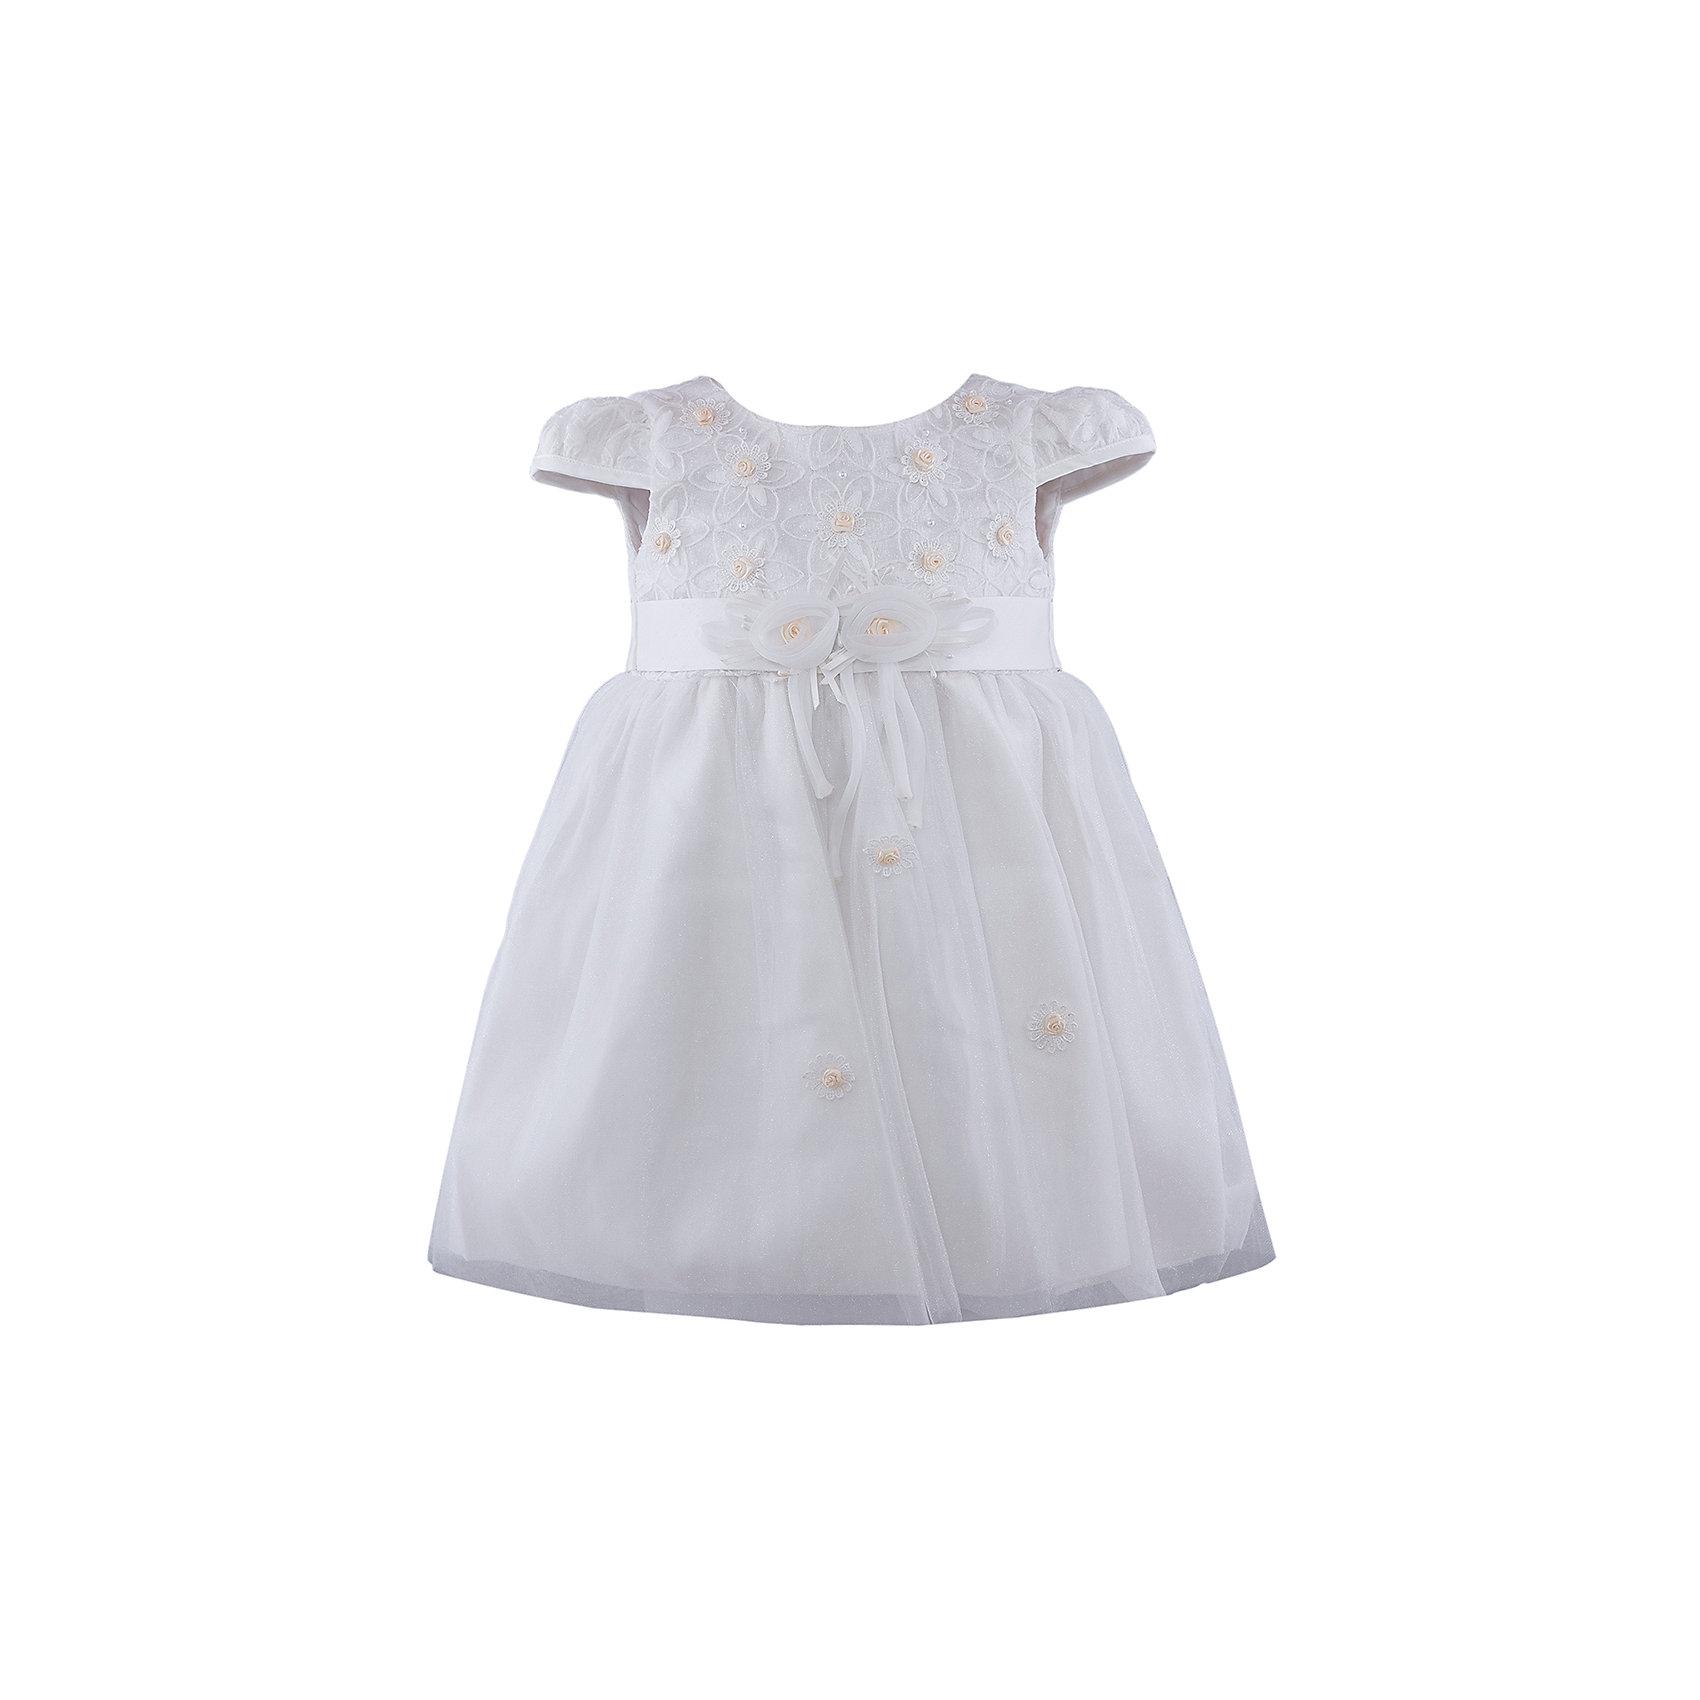 Нарядное платье для девочки VitacciПлатье для девочки от известного бренда Vitacci.<br>Очаровательное платье для маленькой принцессы. Модель отрезная по линии талии,с застёжкой молнией на спинке.<br>Состав:<br>100% полиэстер<br><br>Ширина мм: 236<br>Глубина мм: 16<br>Высота мм: 184<br>Вес г: 177<br>Цвет: бело-желтый<br>Возраст от месяцев: 12<br>Возраст до месяцев: 15<br>Пол: Женский<br>Возраст: Детский<br>Размер: 80,120,110,100,90<br>SKU: 4956097